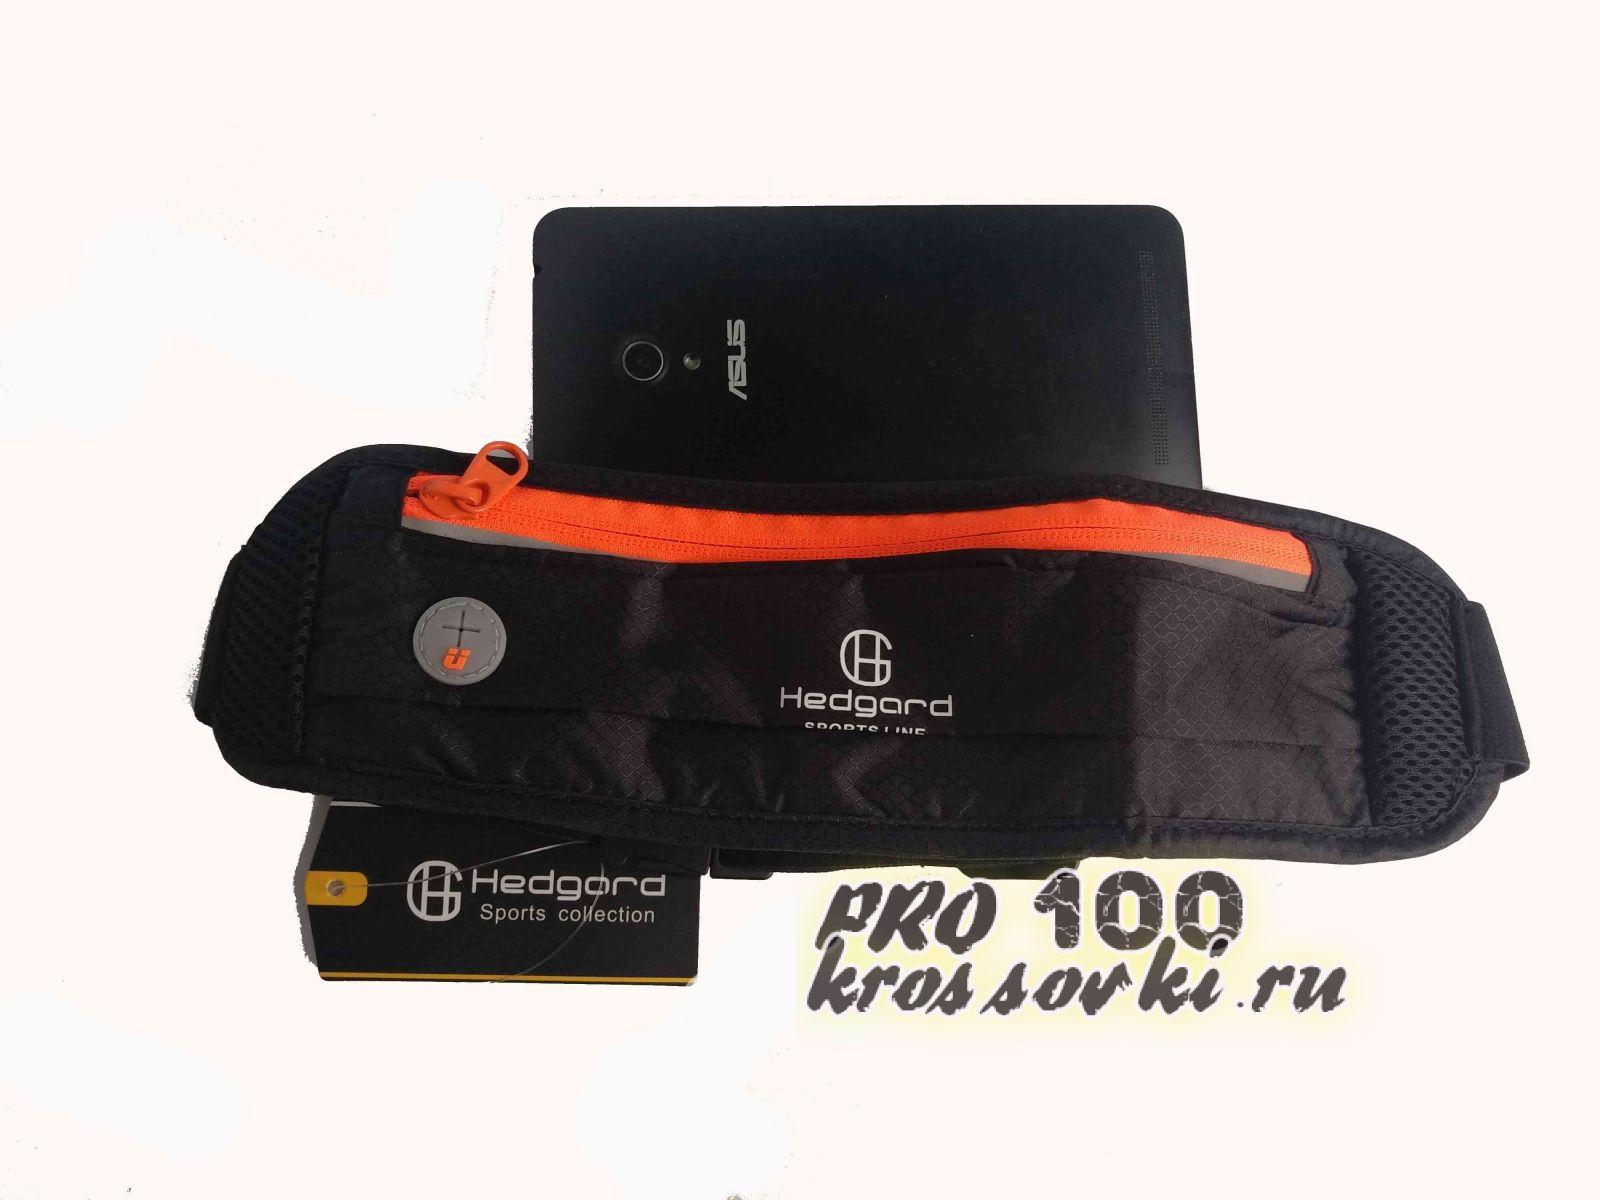 Спортивная сумка на пояс для бега 3 цвета Hedgard